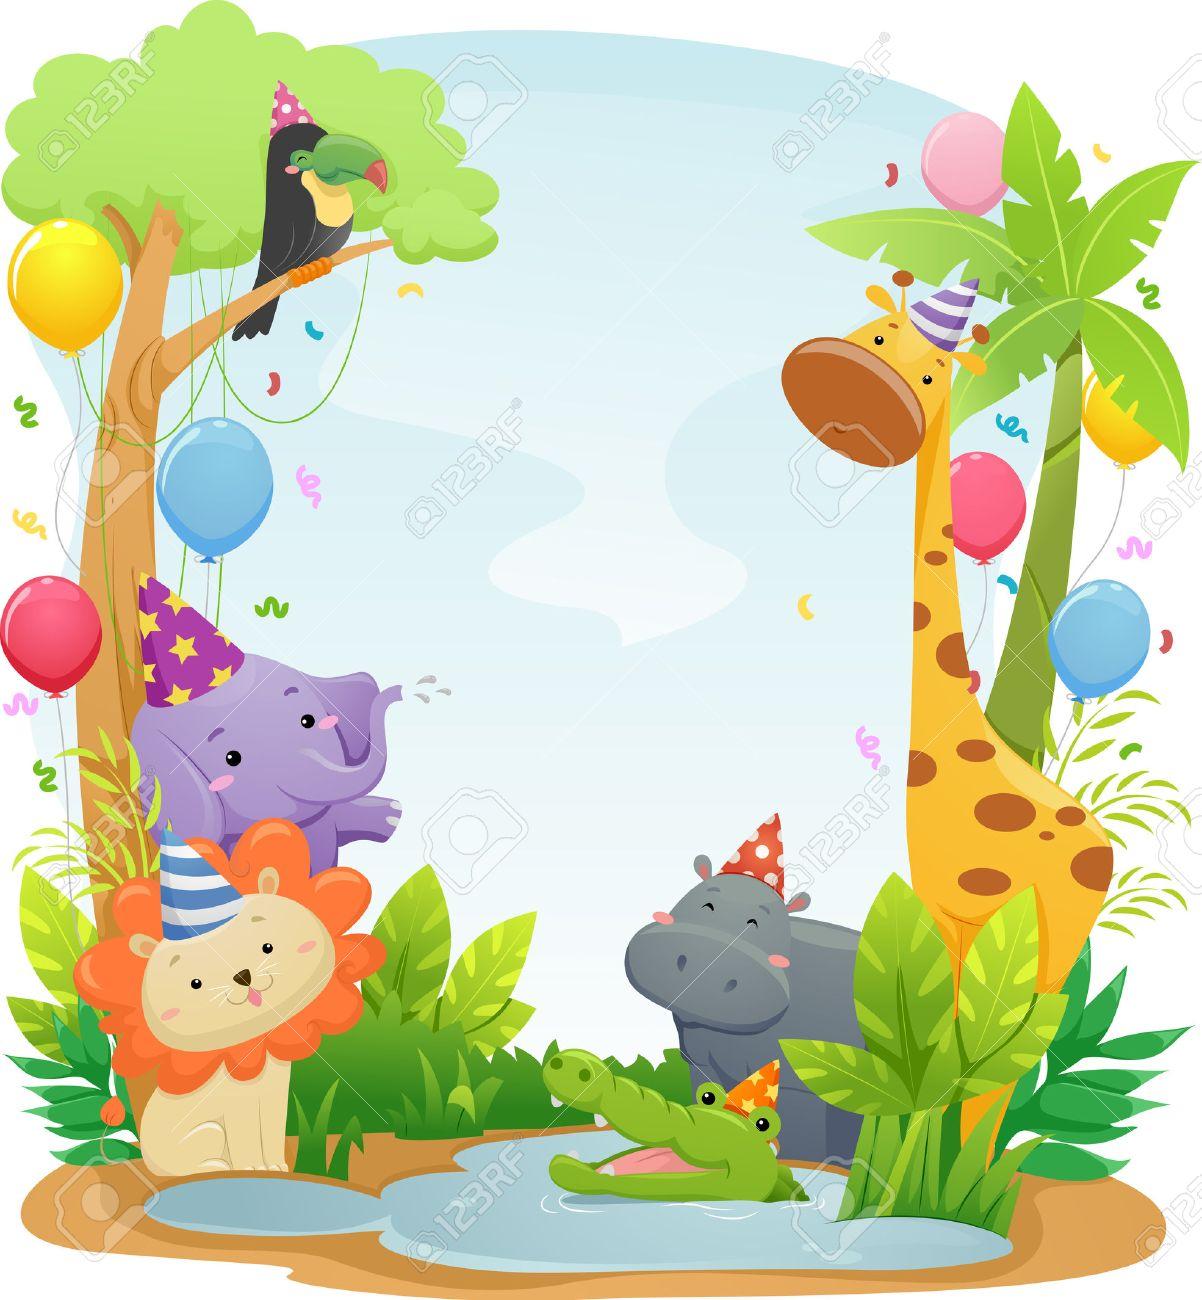 かわいいサファリ動物のパーティの帽子を着ての特徴背景イラスト